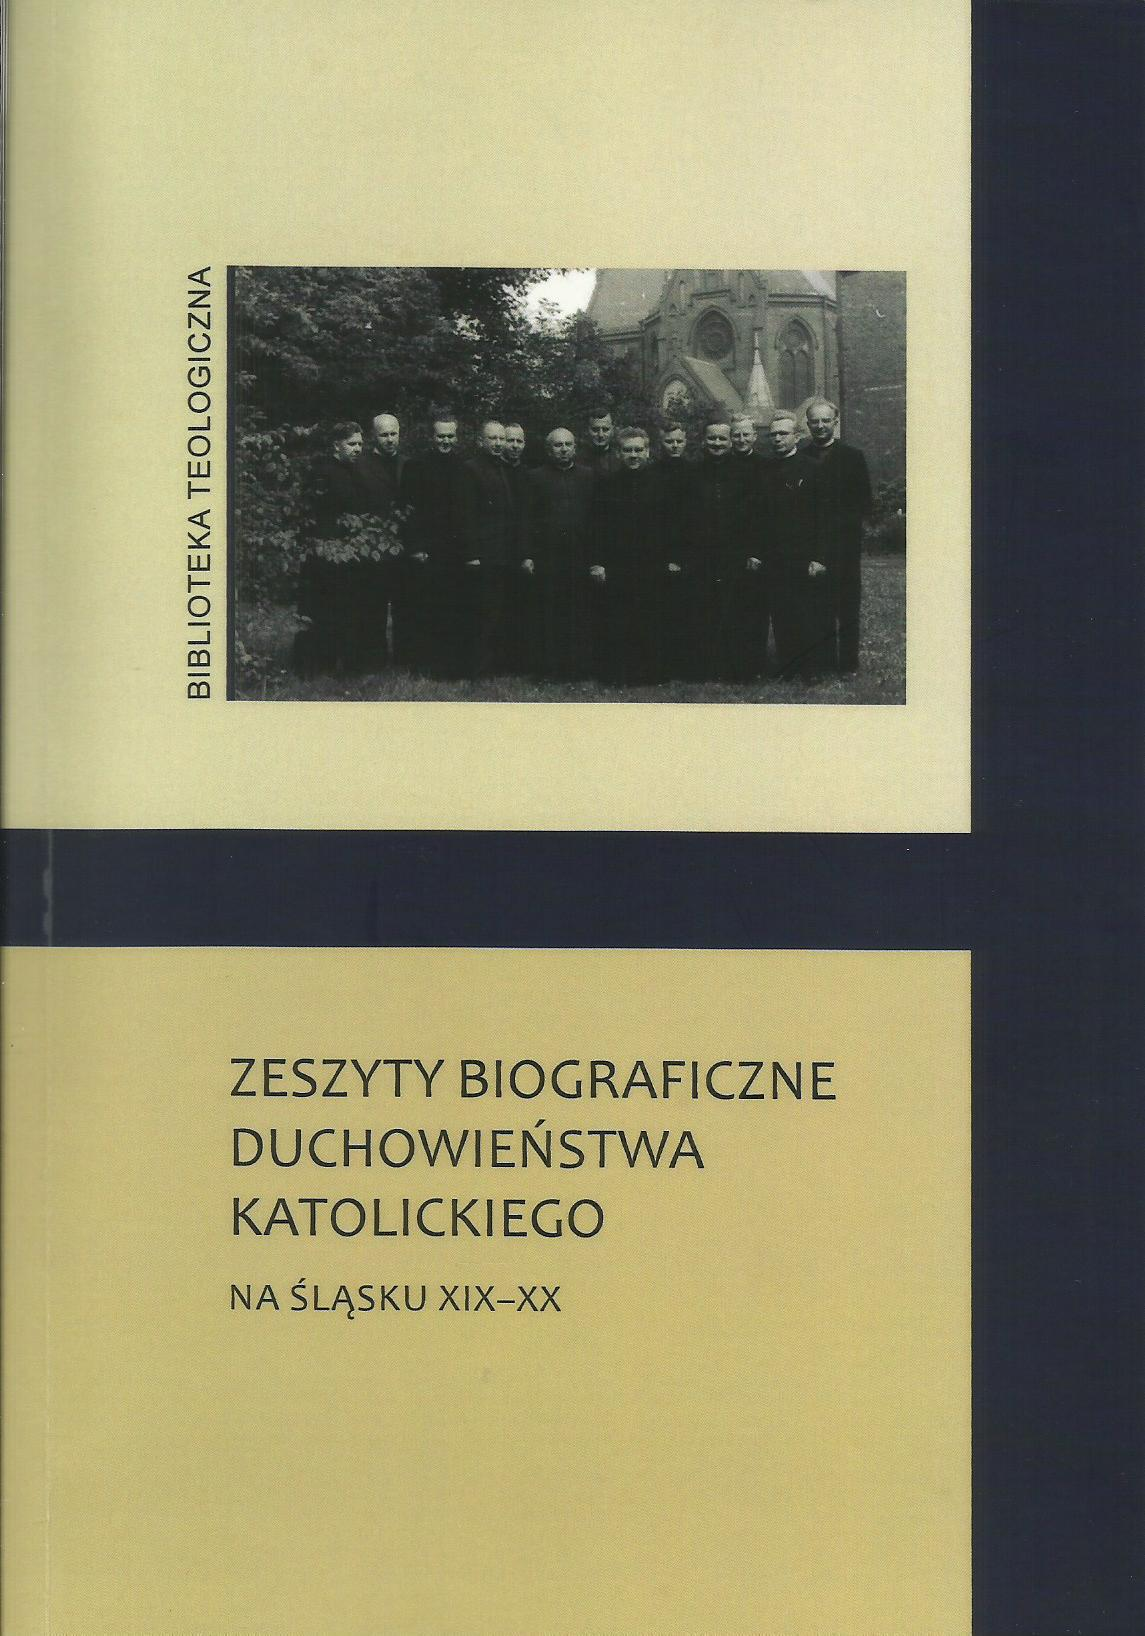 Zeszyty biograficzne duchowieństwa katolickiego na Śląsku XIX-XX wieku cz.II